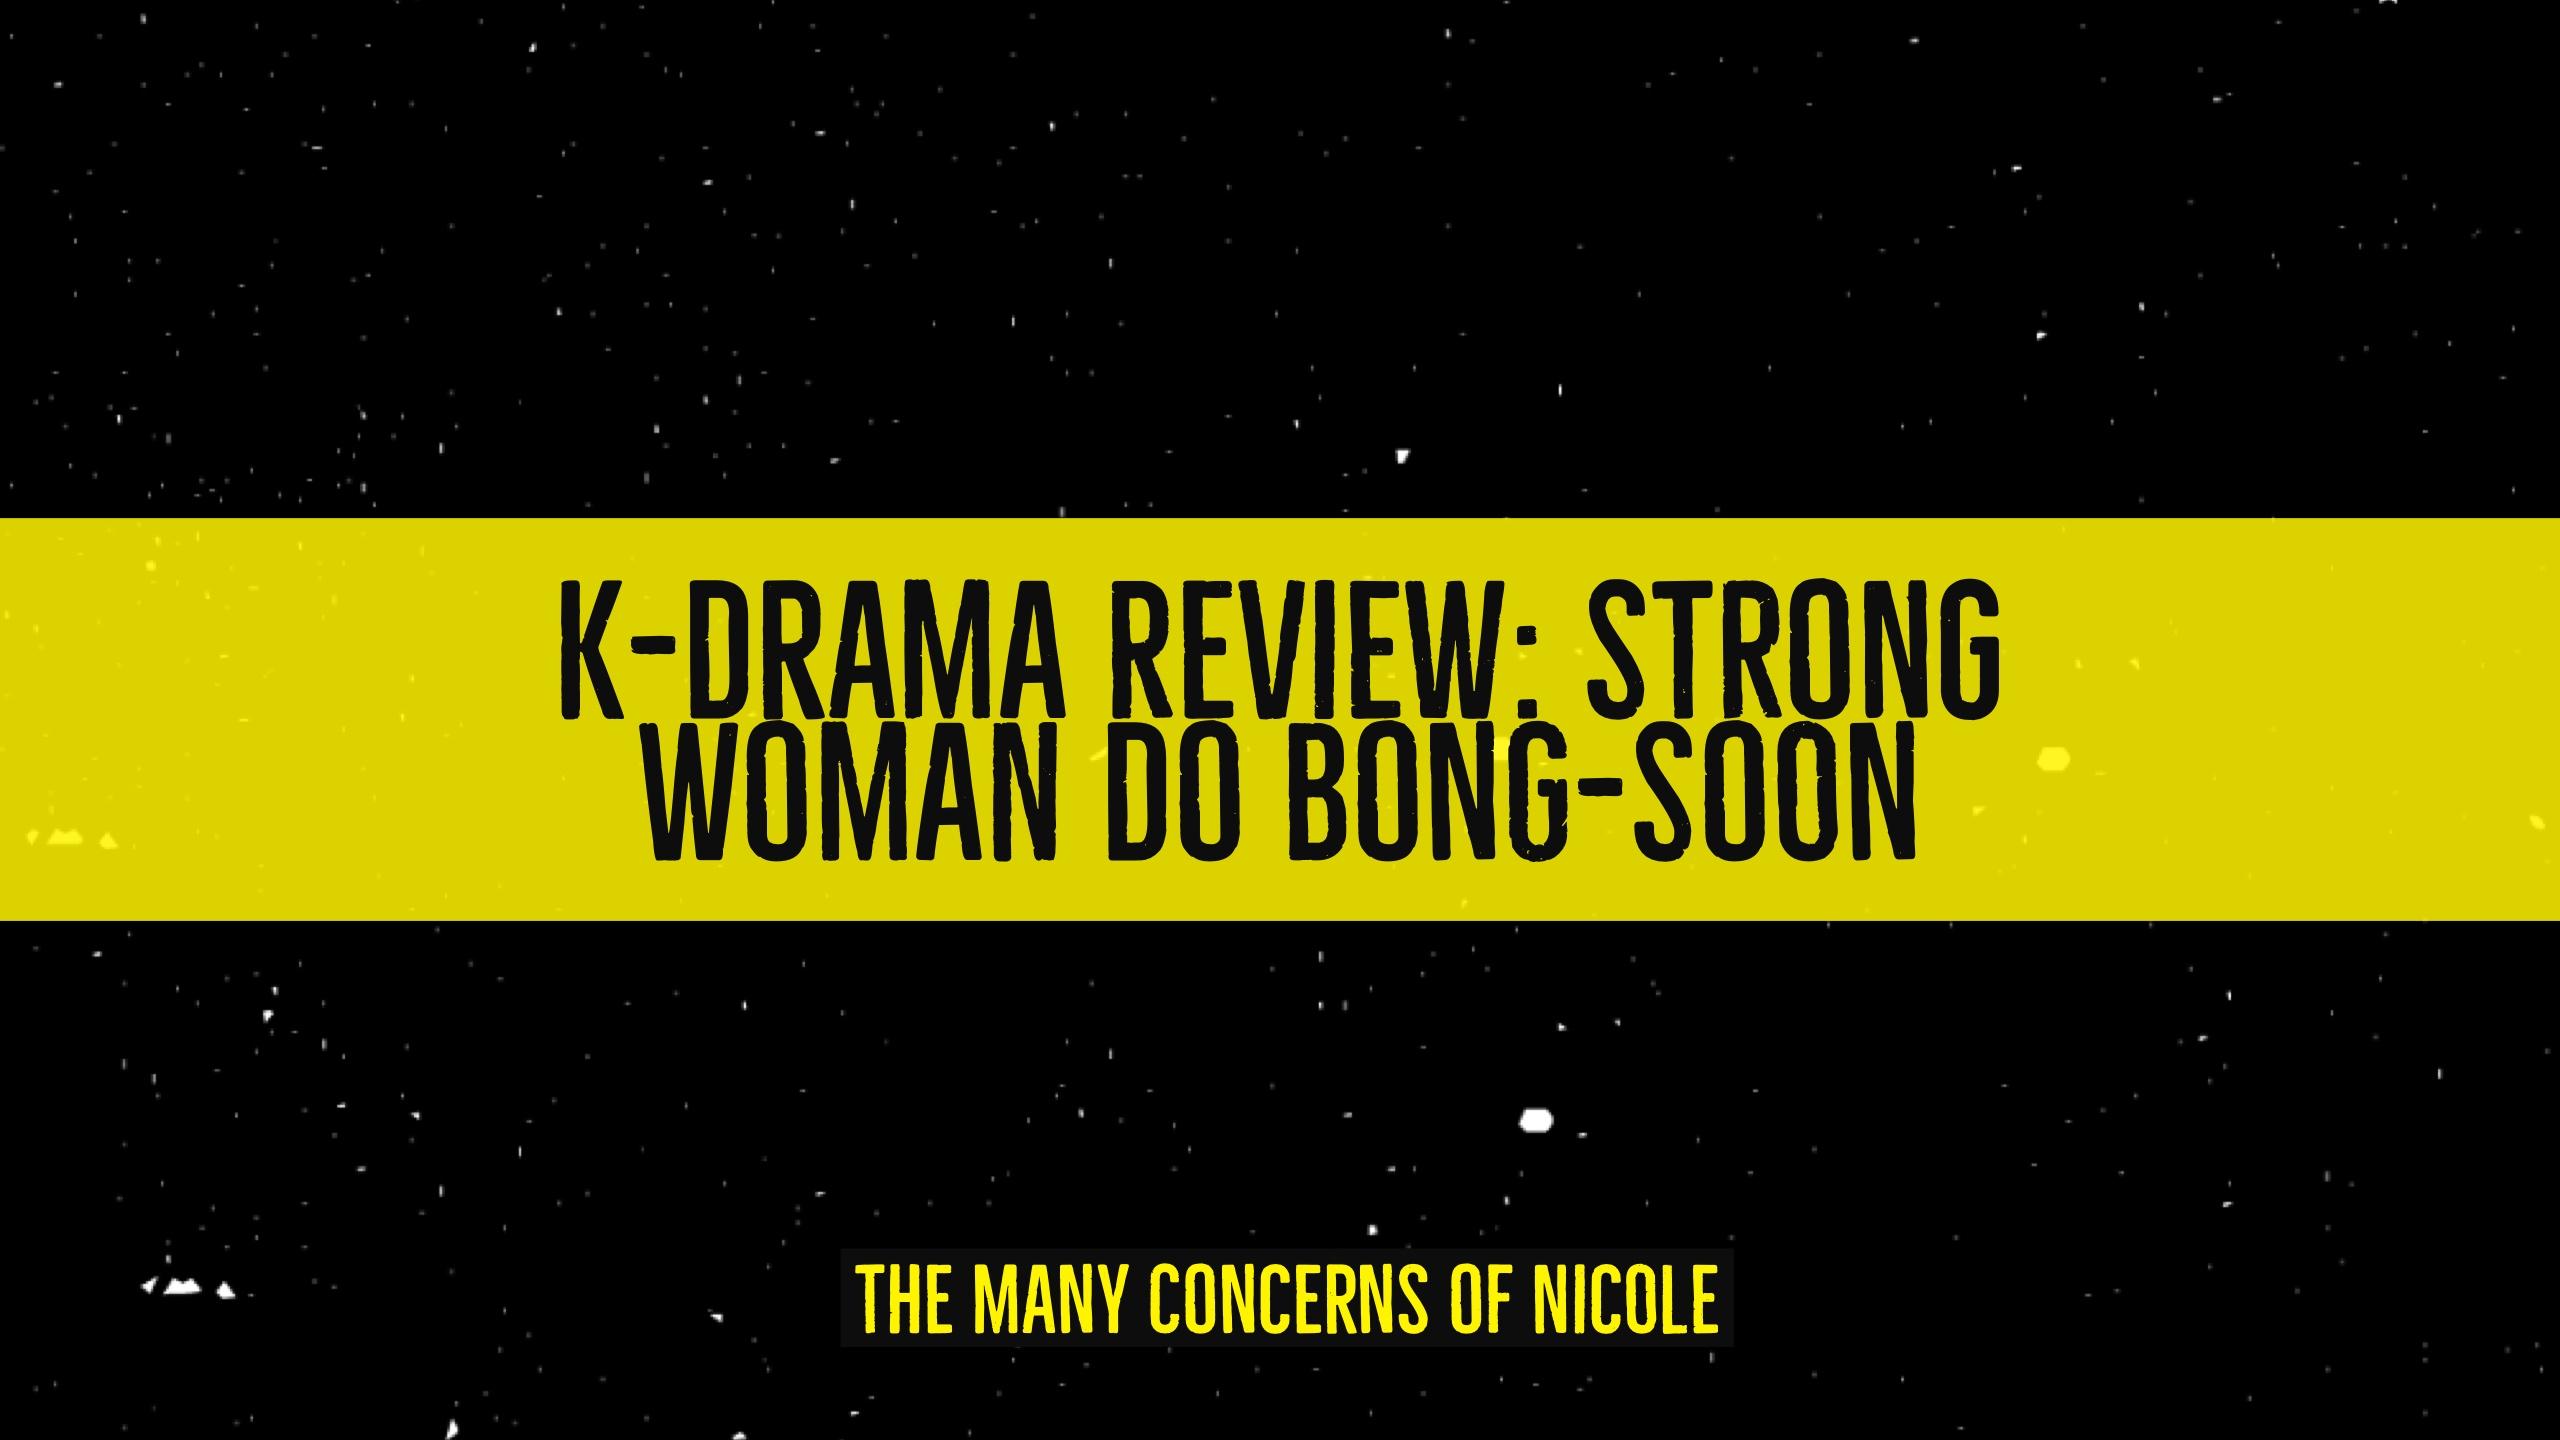 Bong-Soon